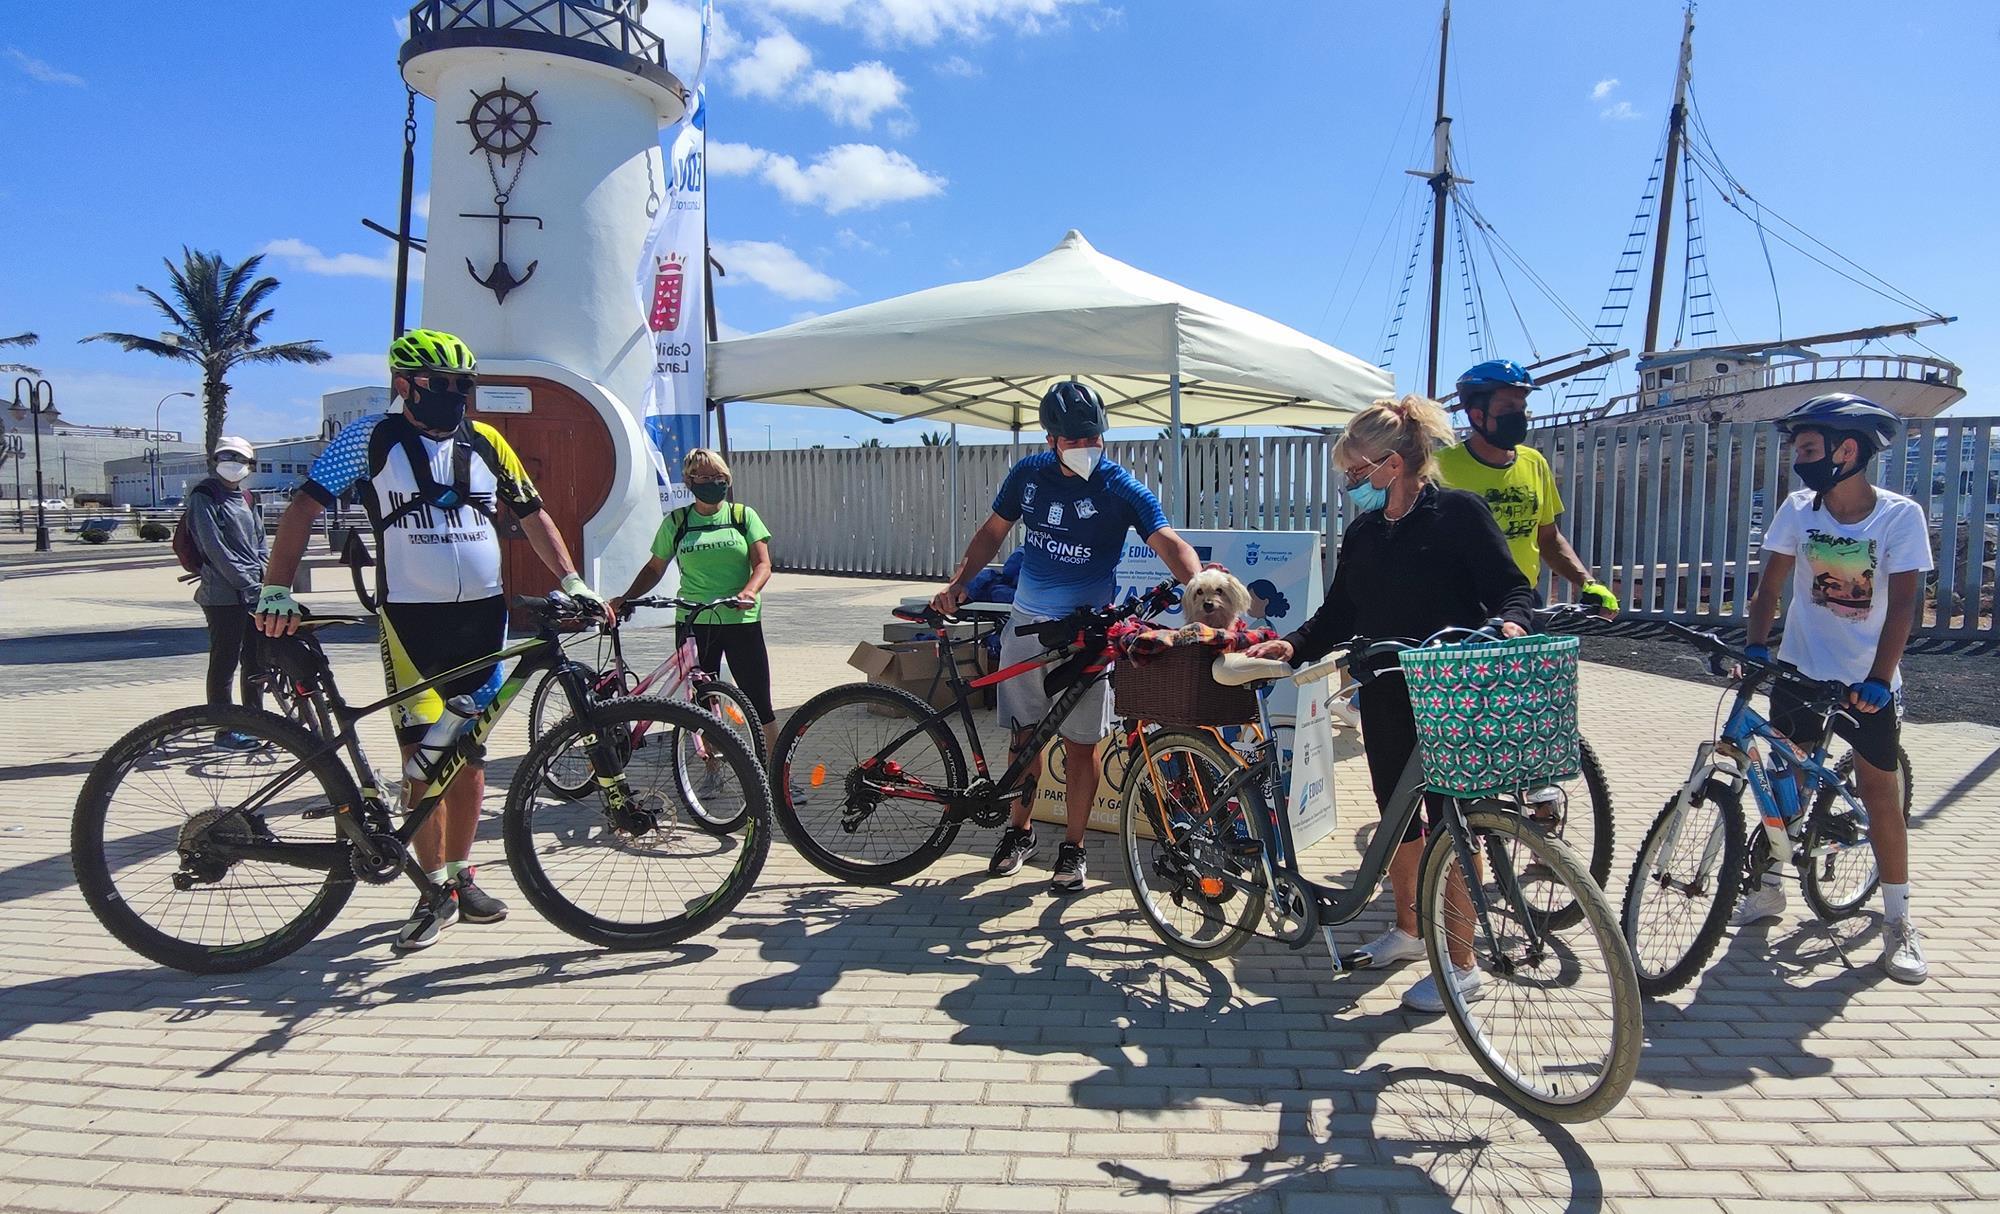 Numerosas familias y más de un centenar de ciclistas y aficionados disfrutan de una jornada festiva a pedales en Arrecife